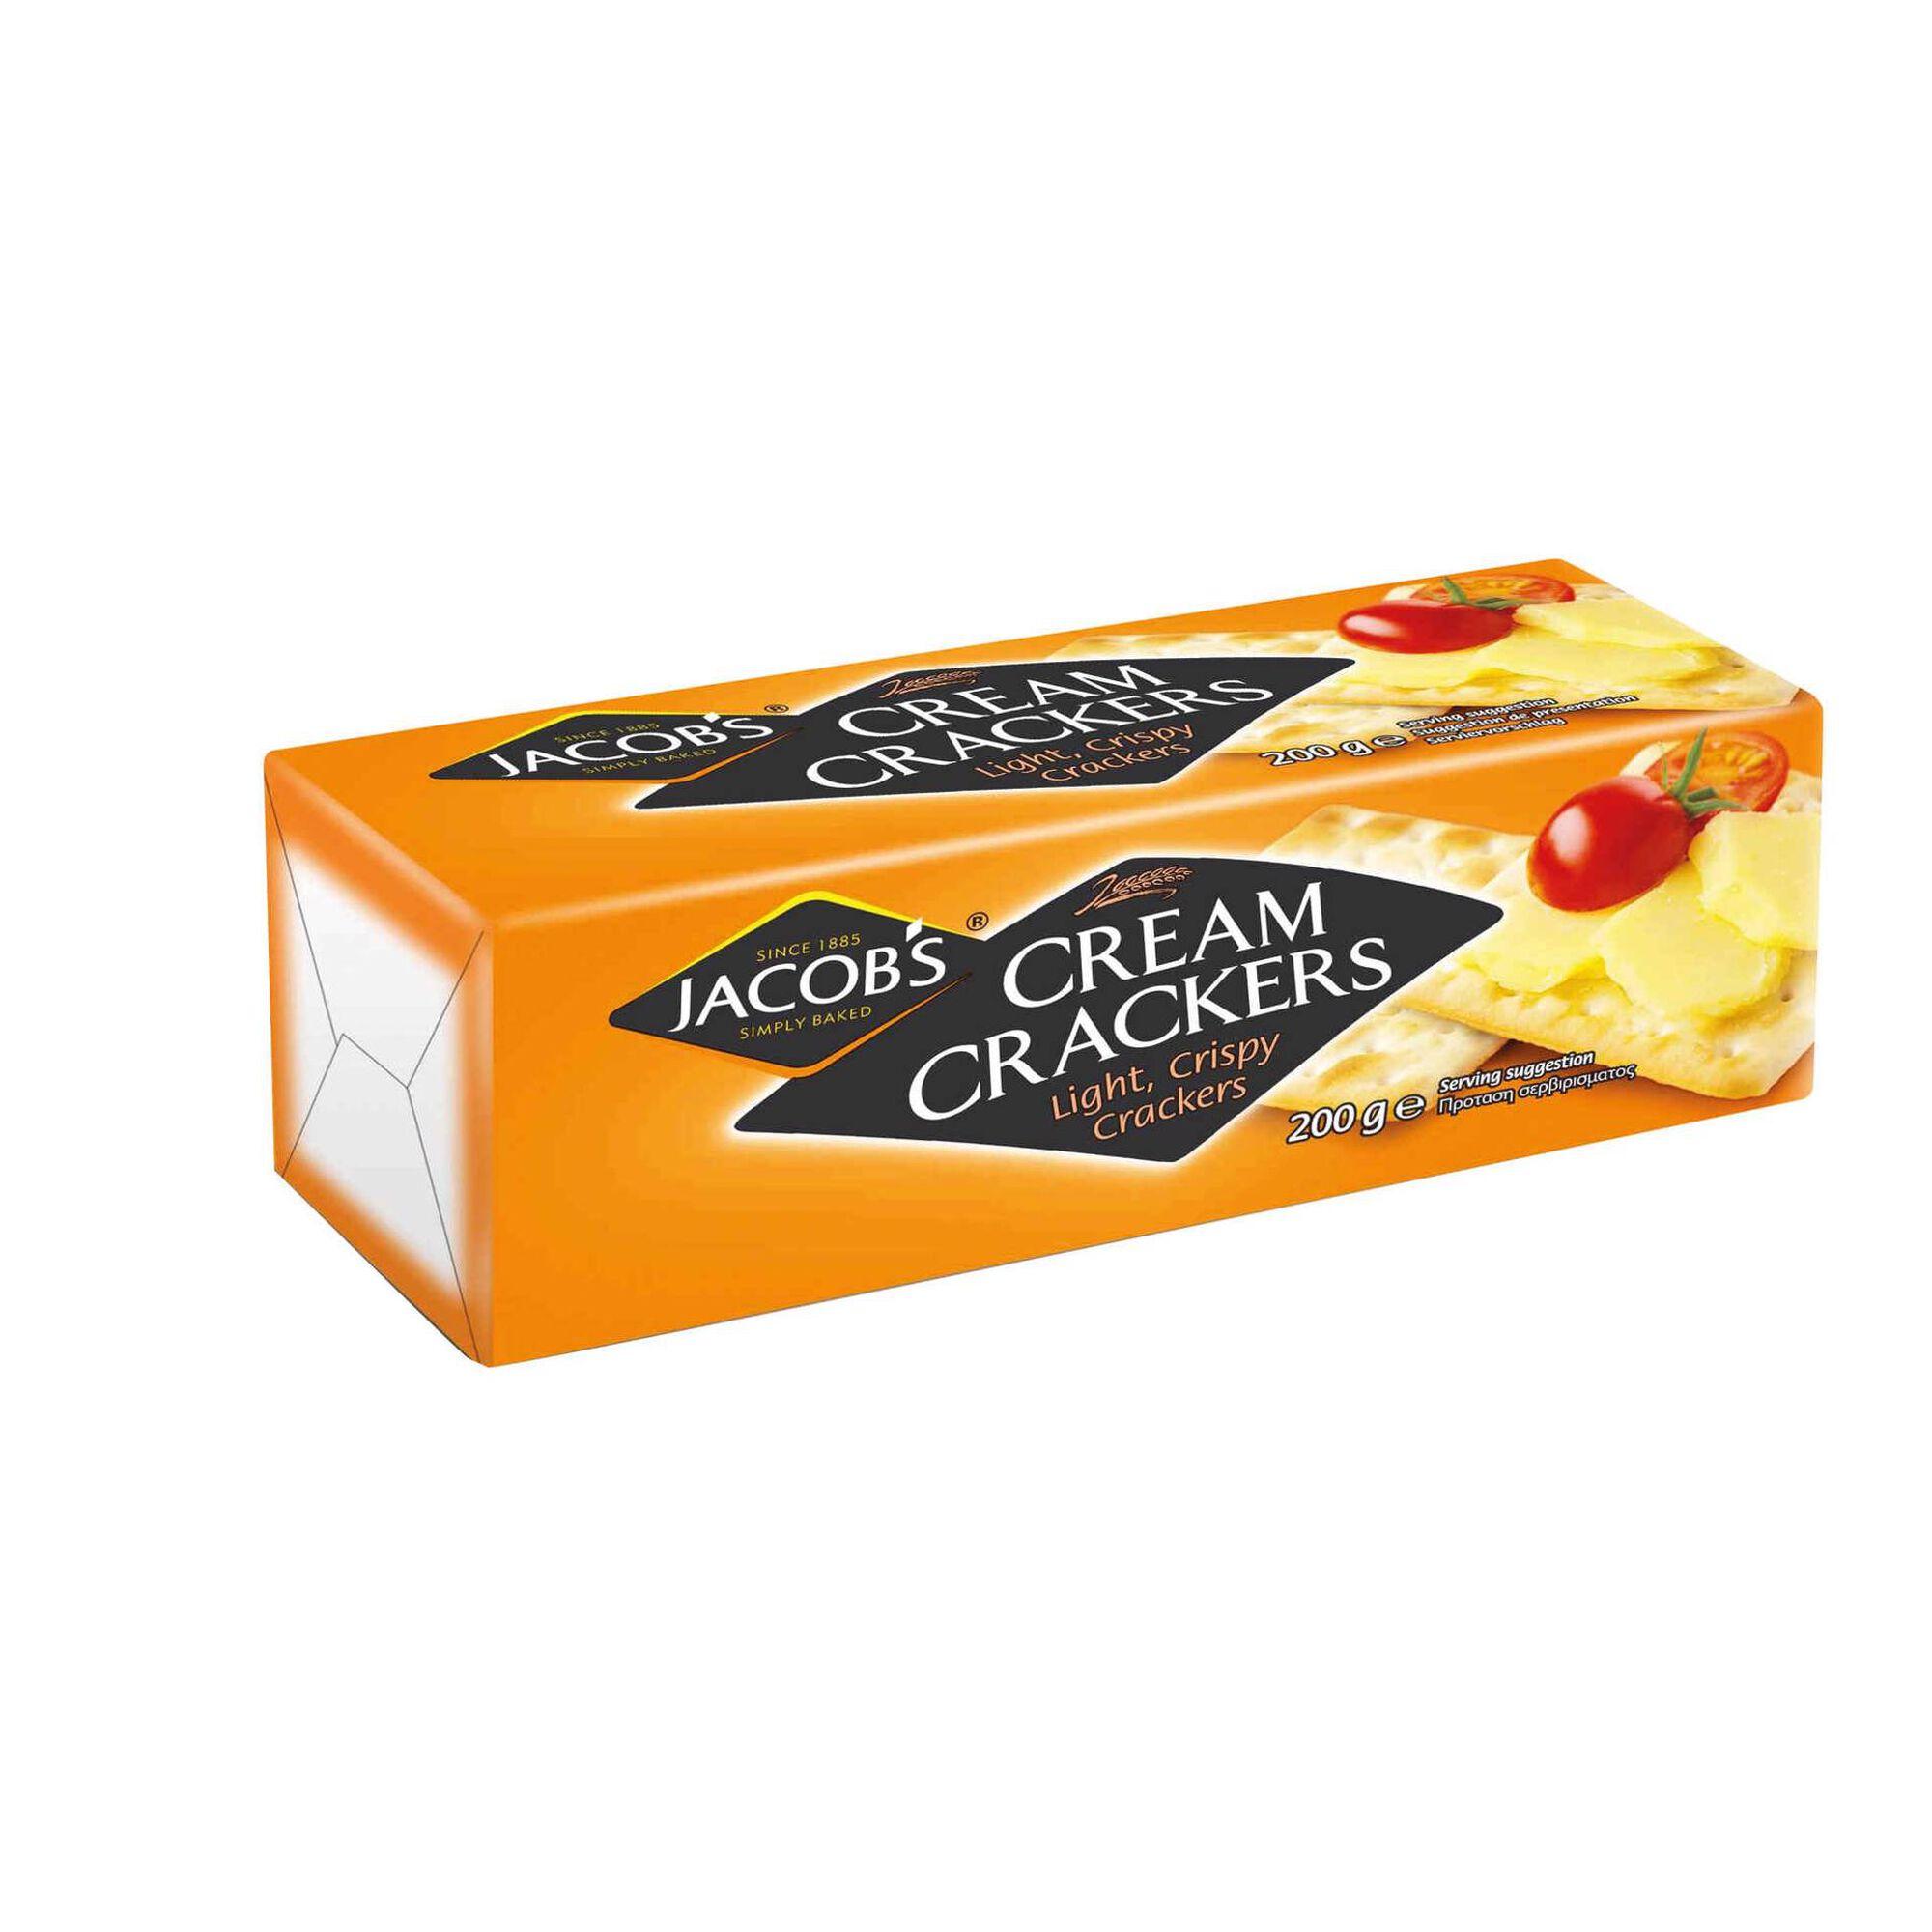 Bolachas Cream Crackers Original